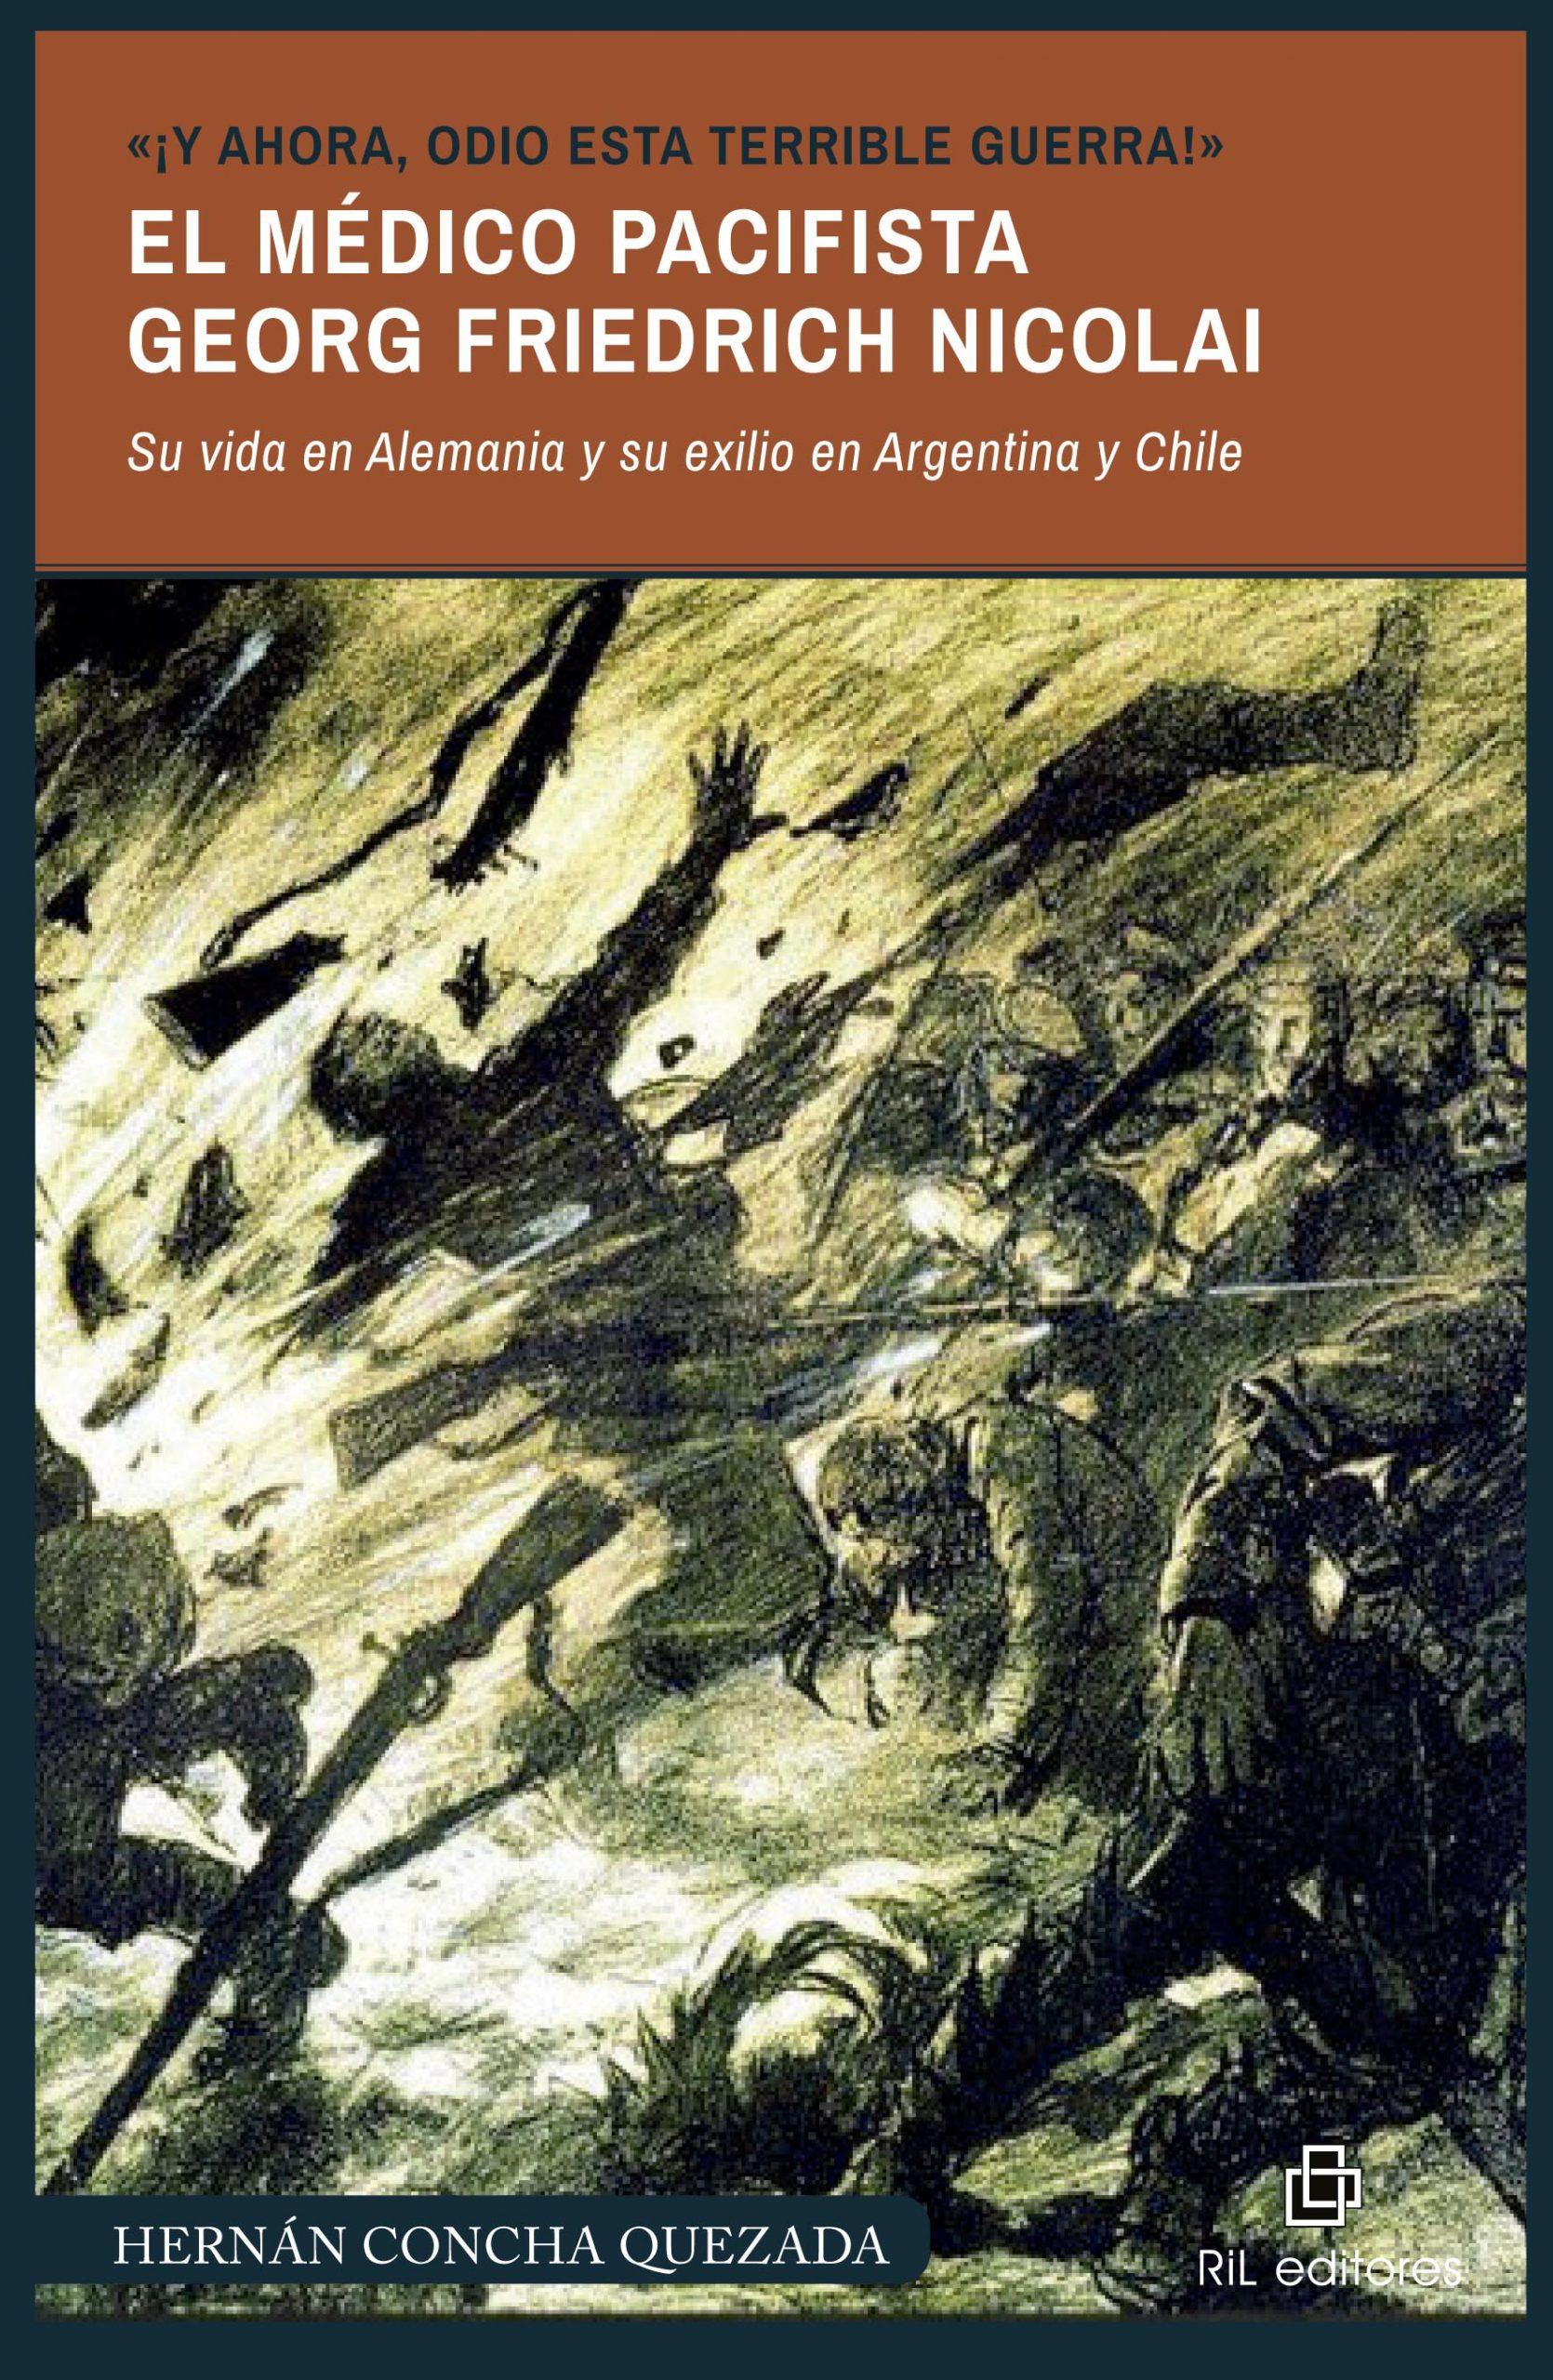 «¡Y ahora, odio esta terrible guerra!». El médico pacifista Georg Friedrich Nicolai (1874-1964). Su vida en Alemania y su exilio en Argentina y Chile 1